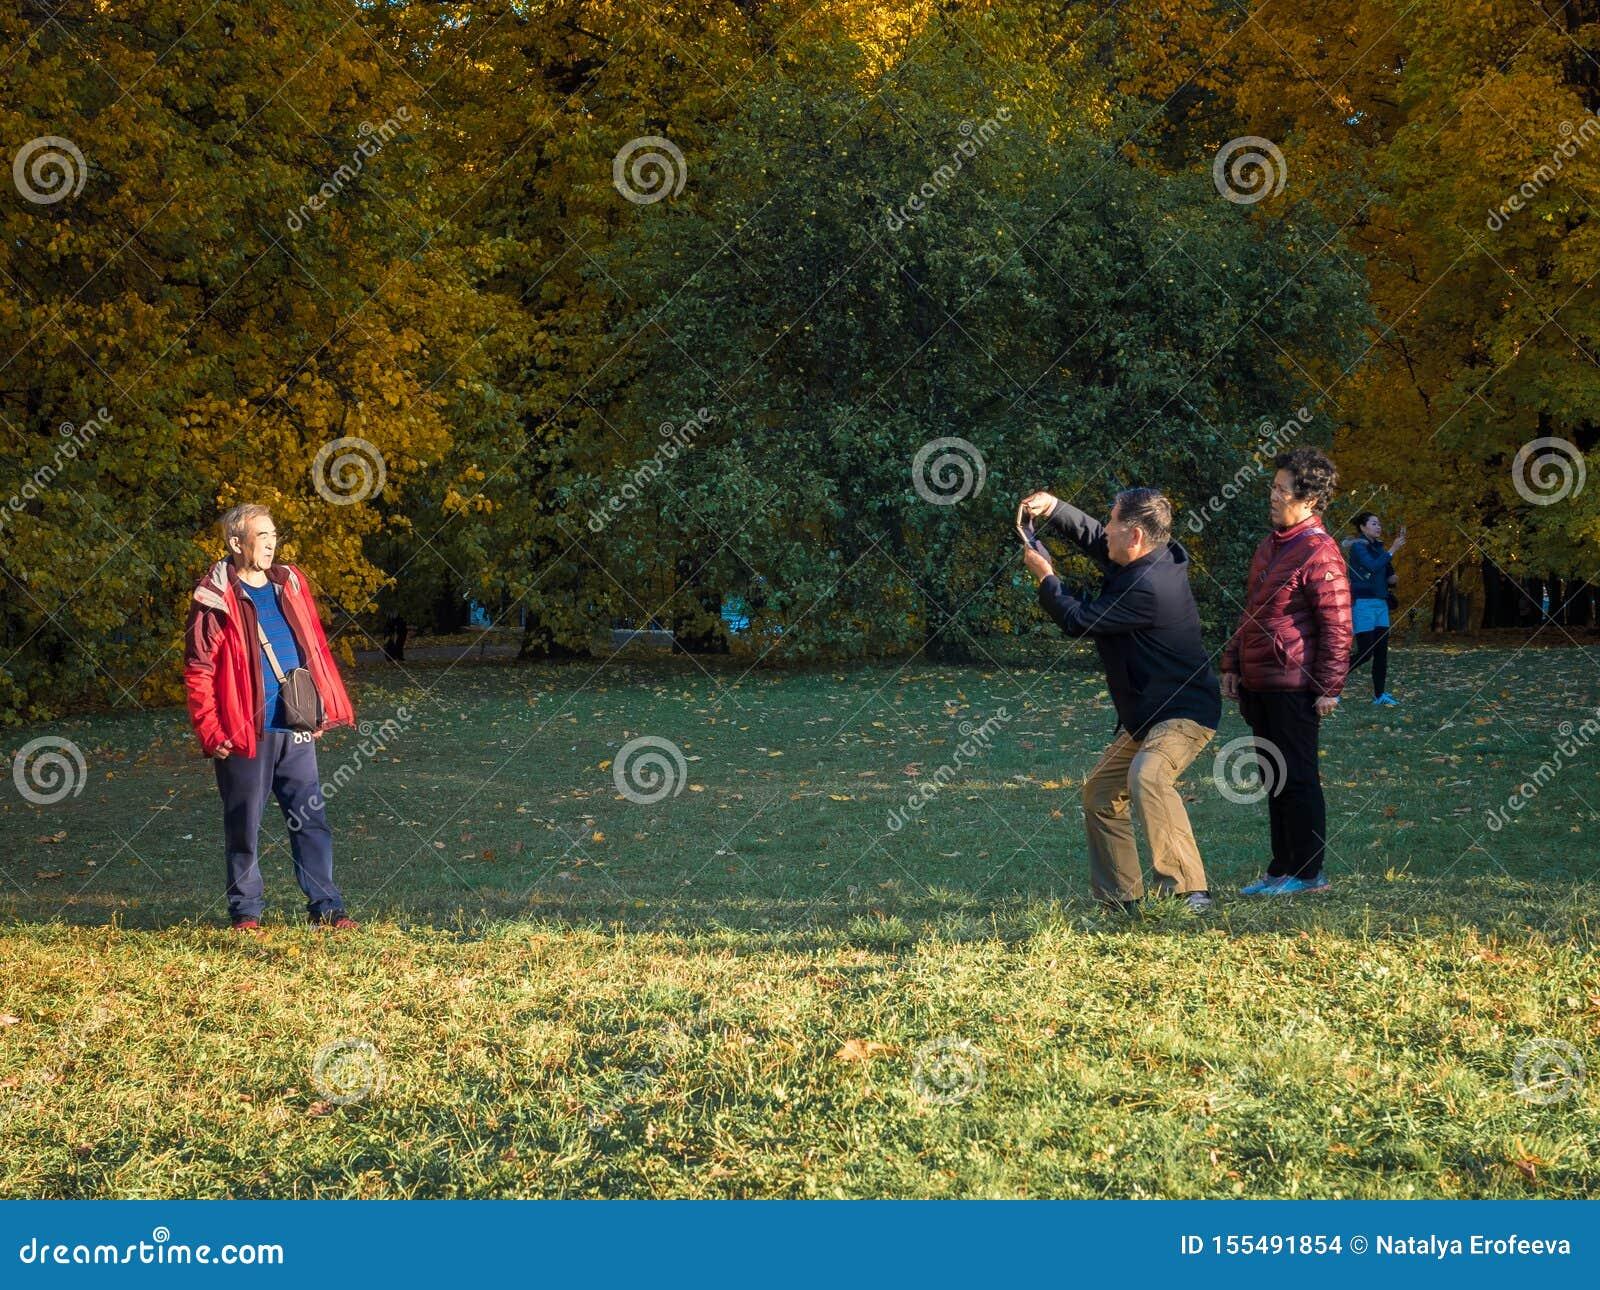 莫斯科,俄罗斯- 2018年10月11日:中国游客走秋天公园 年长亚裔人民拍在的照片